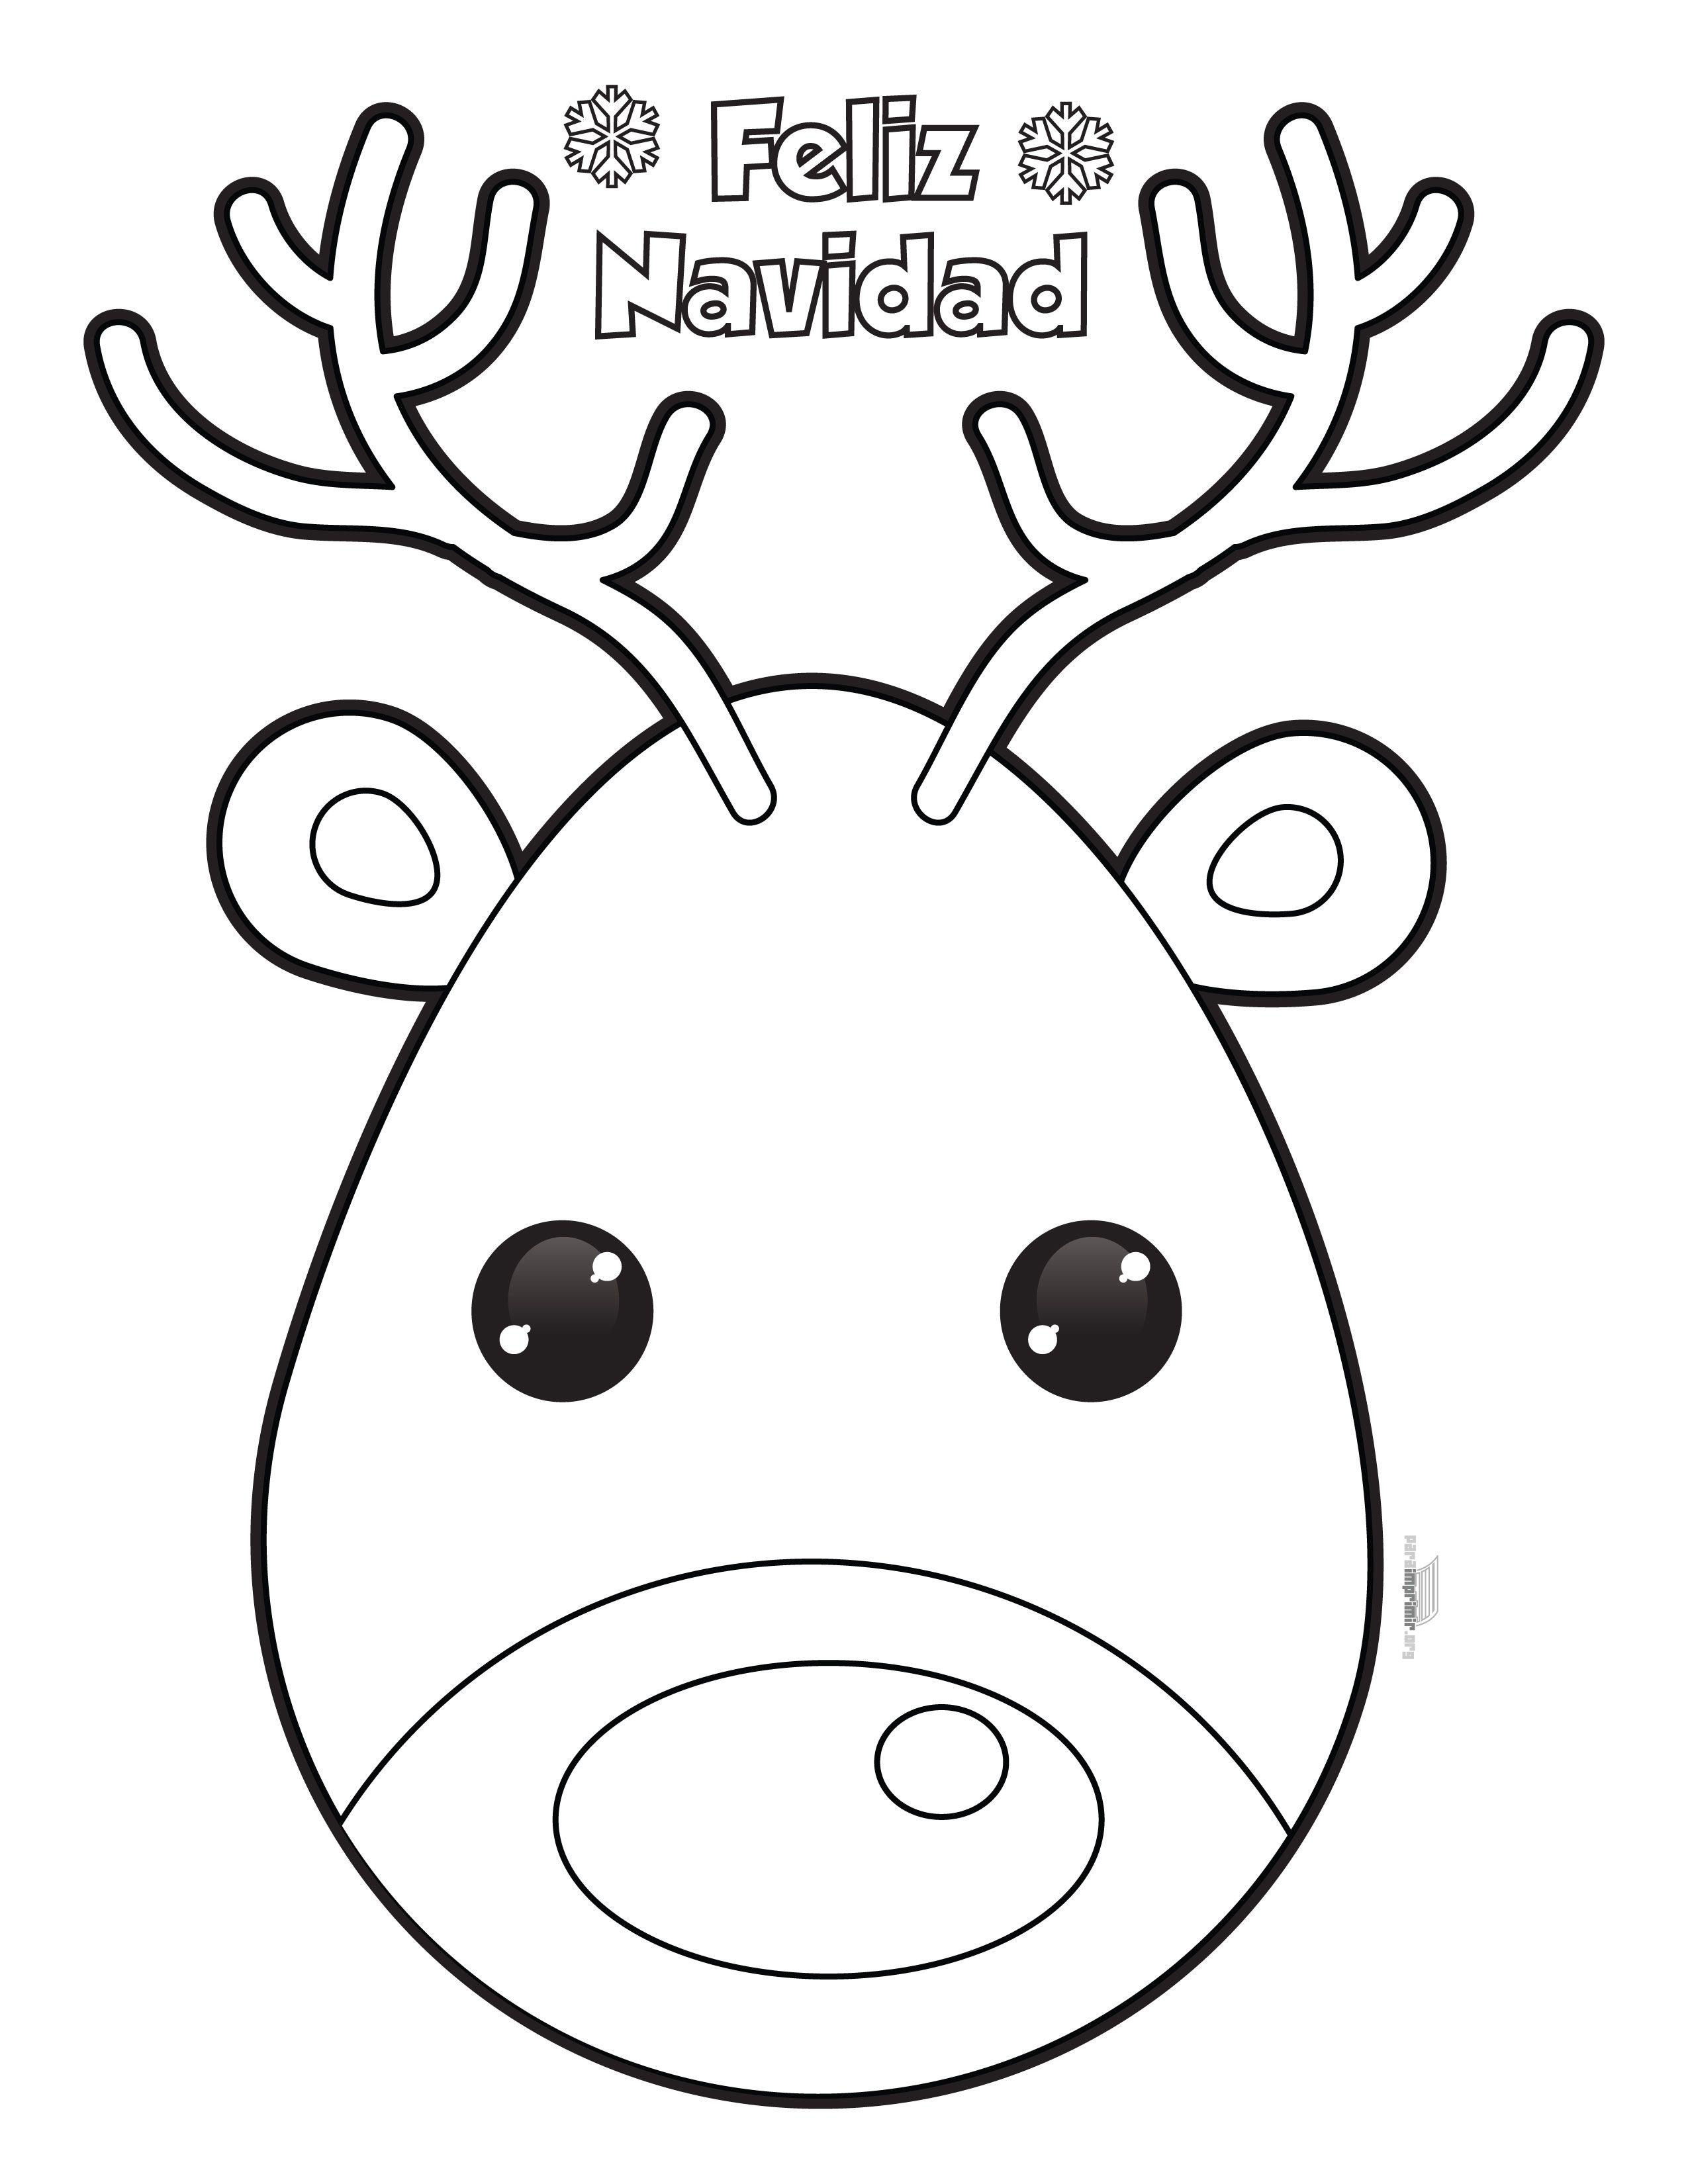 caras de renos de navidad para colorear  Buscar con Google